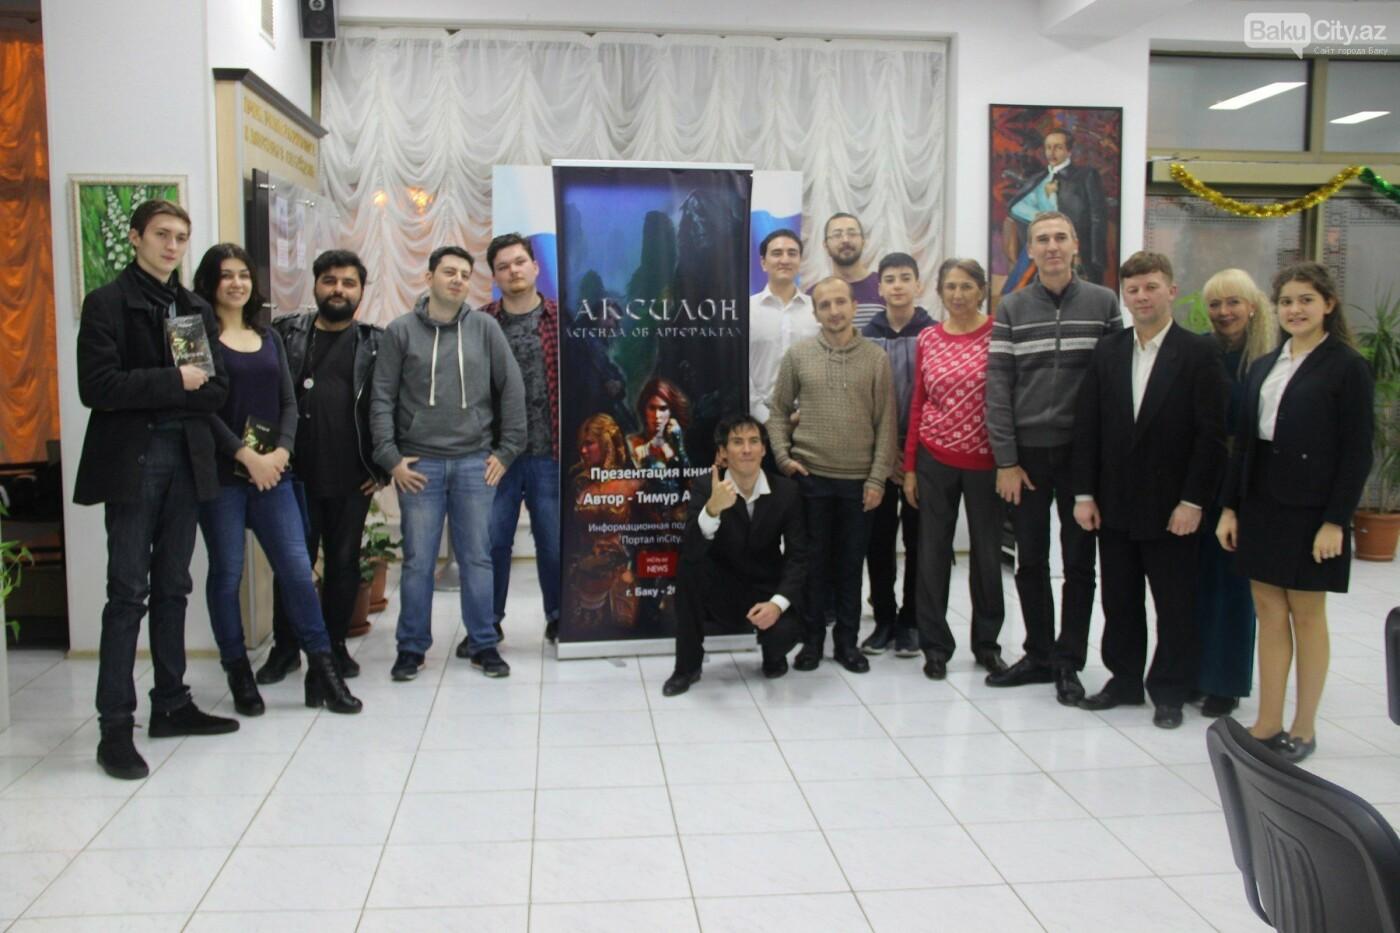 """Xeyirlə şər qarşıdurması: """"Aksilon"""" - artefaktlar haqqında əfsanə - Foto, fotoşəkil-6"""